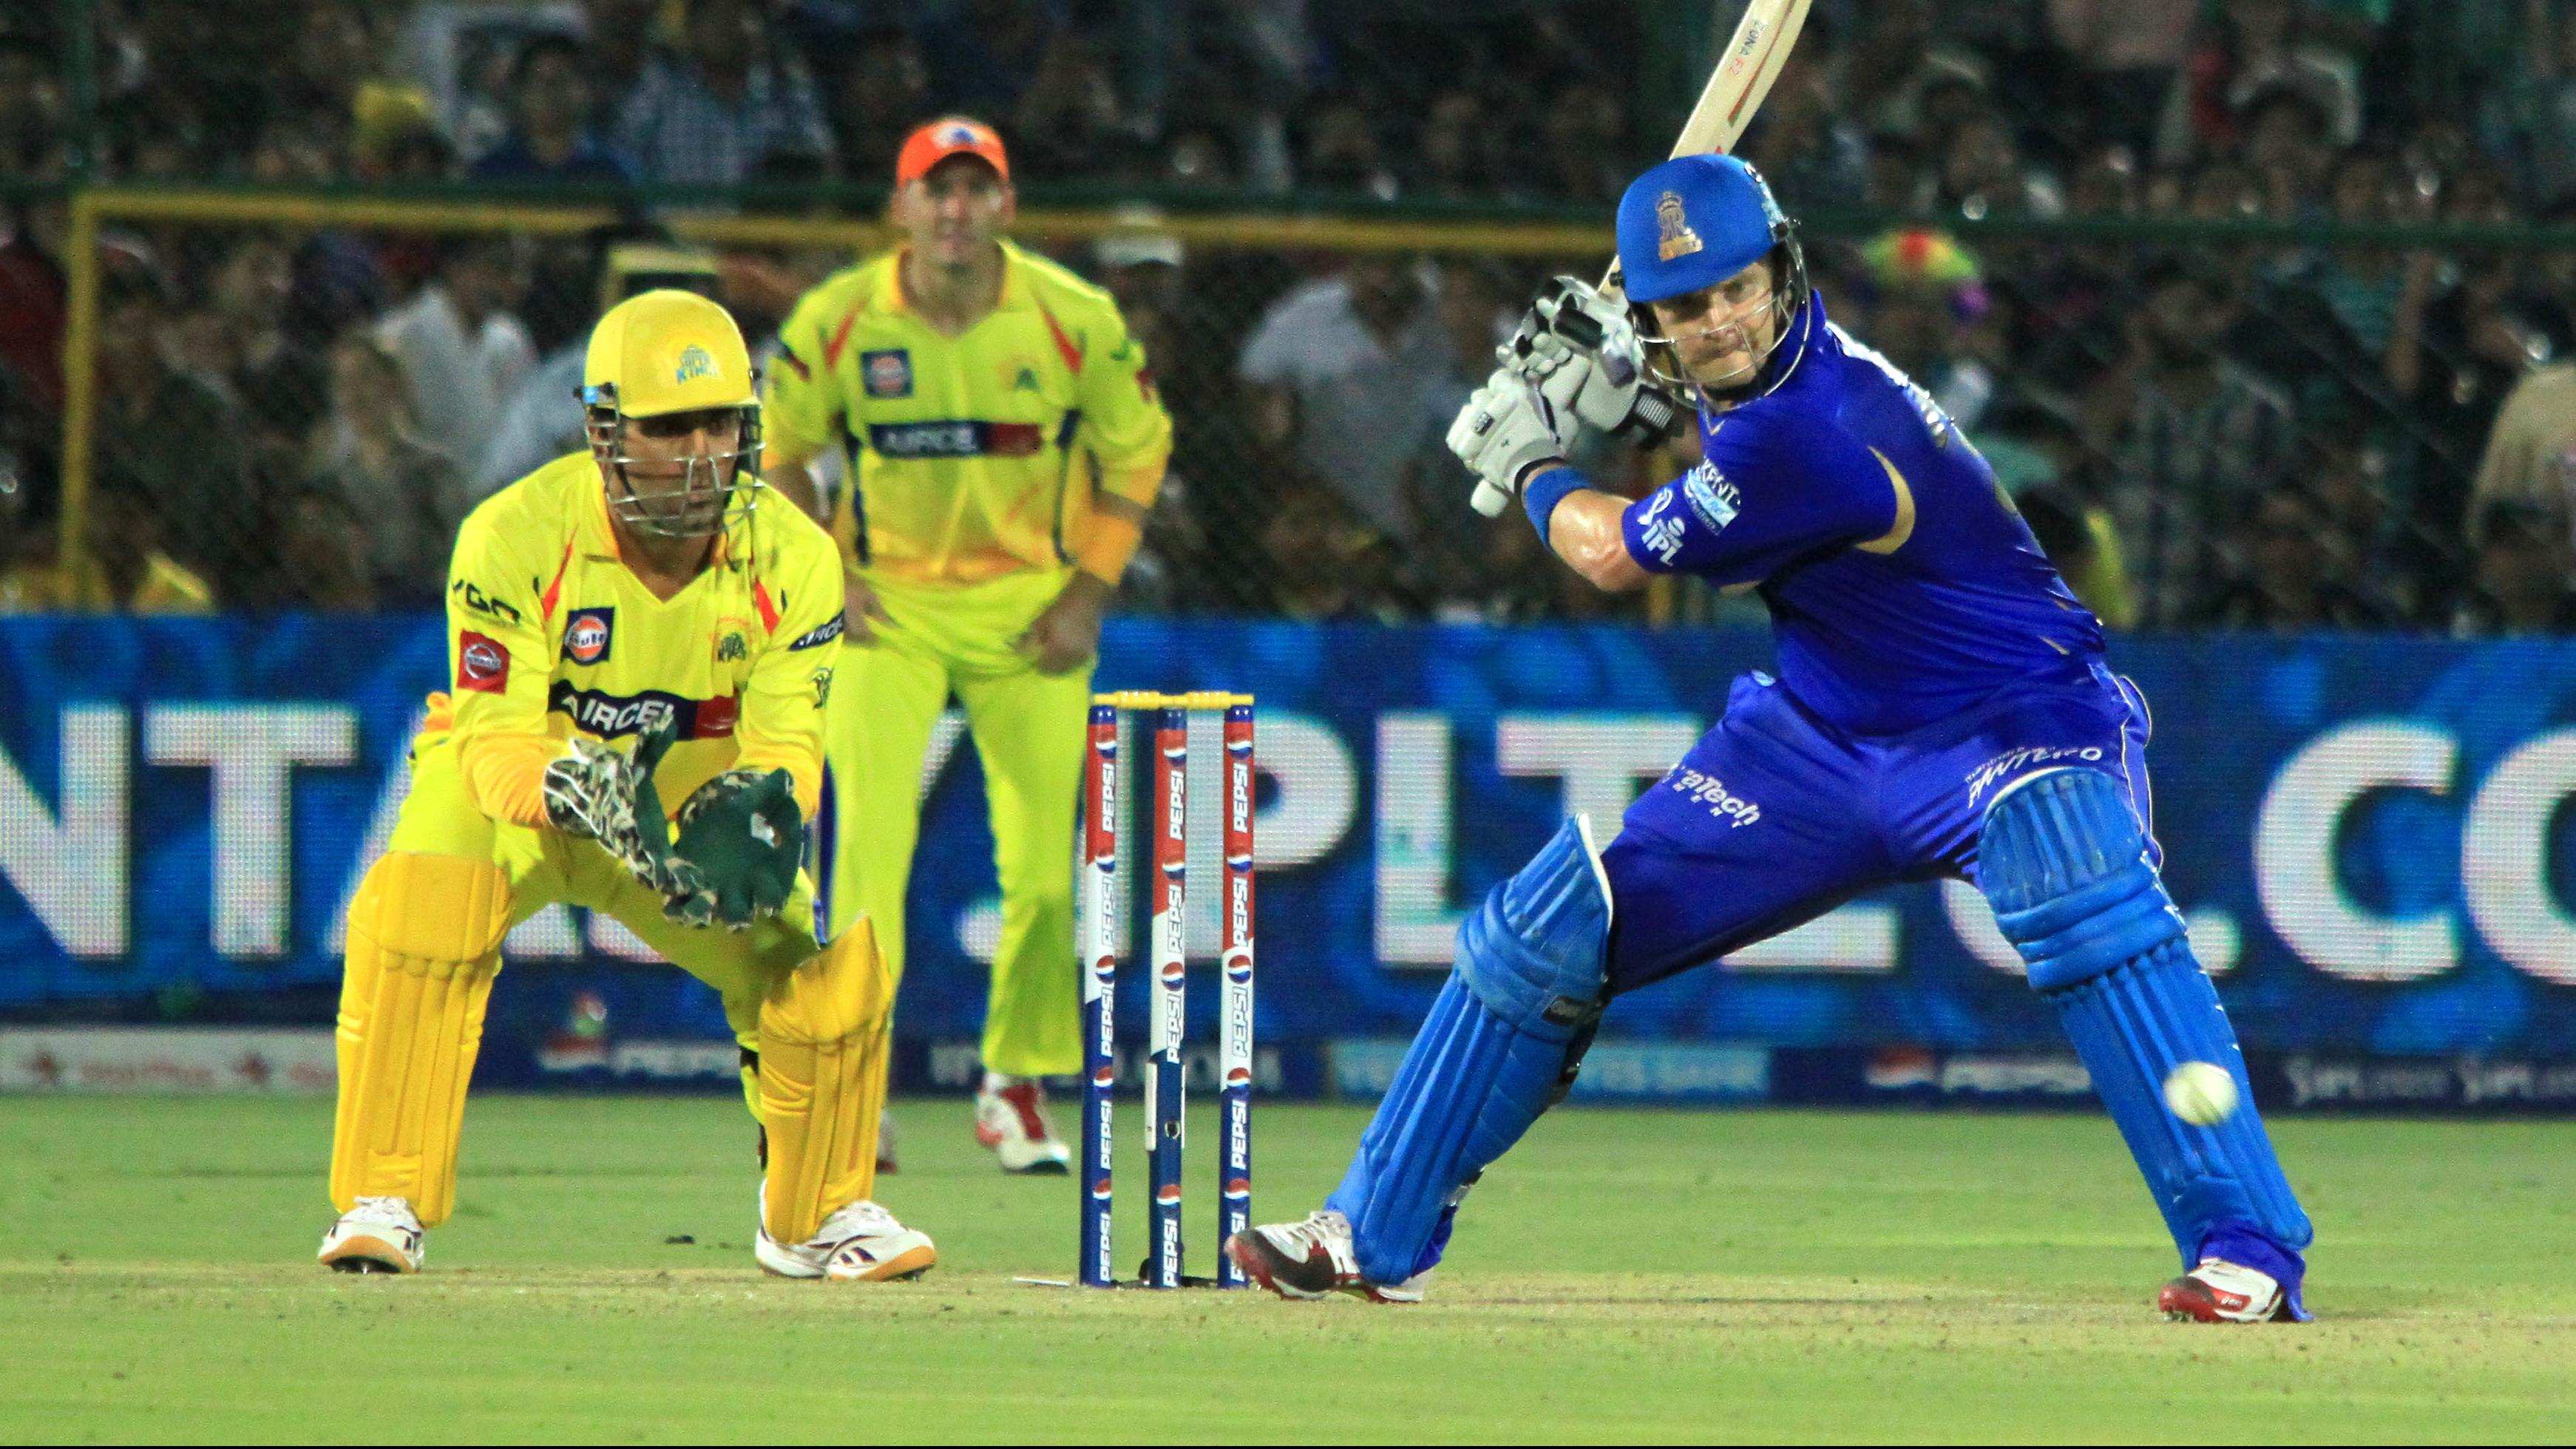 वेंकी मैसौर के अनुसार चेन्नई सुपरकिंग्स और राजस्थान रॉयल्स को आईपीएल में वापस देखना हैं अच्छा